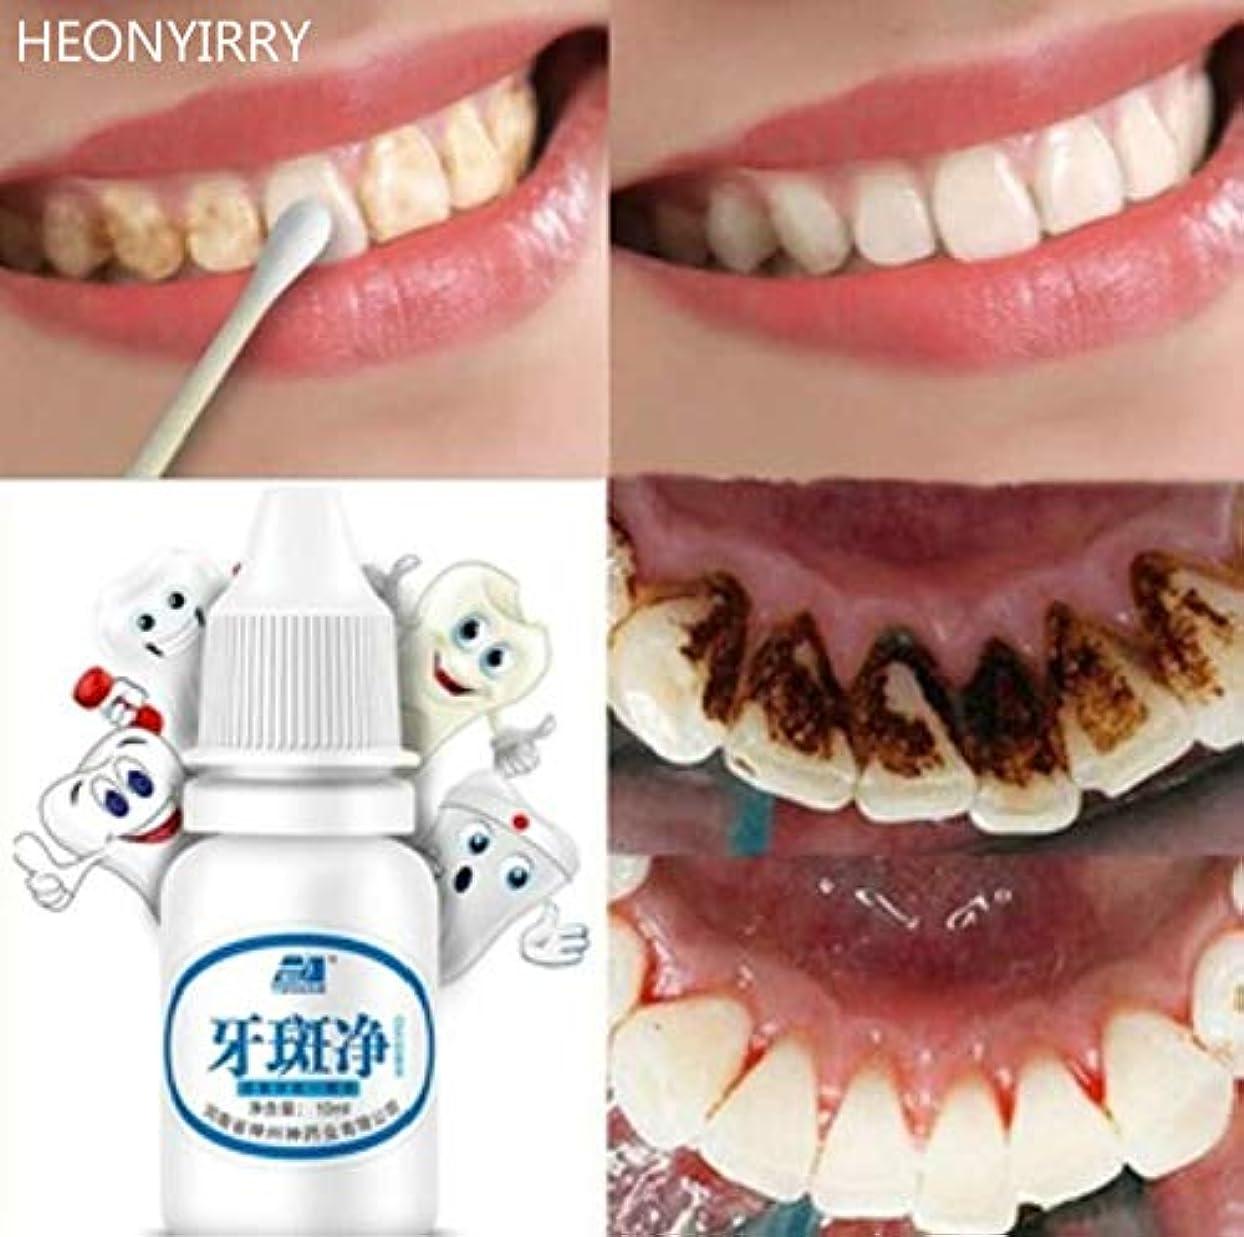 抽象退化するスティック歯磨き粉 歯ブラシ 歯間ブラシ 歯磨き粉 ホワイトニング 10ml歯を白くする口腔衛生歯をきれいにする歯をきれいにするホワイトニングウォータークラレラメント歯科歯垢 歯みがき粉 歯 消しゴム 歯 鏡 歯 マニキュア 歯 矯正 歯 ケース 歯 接着剤